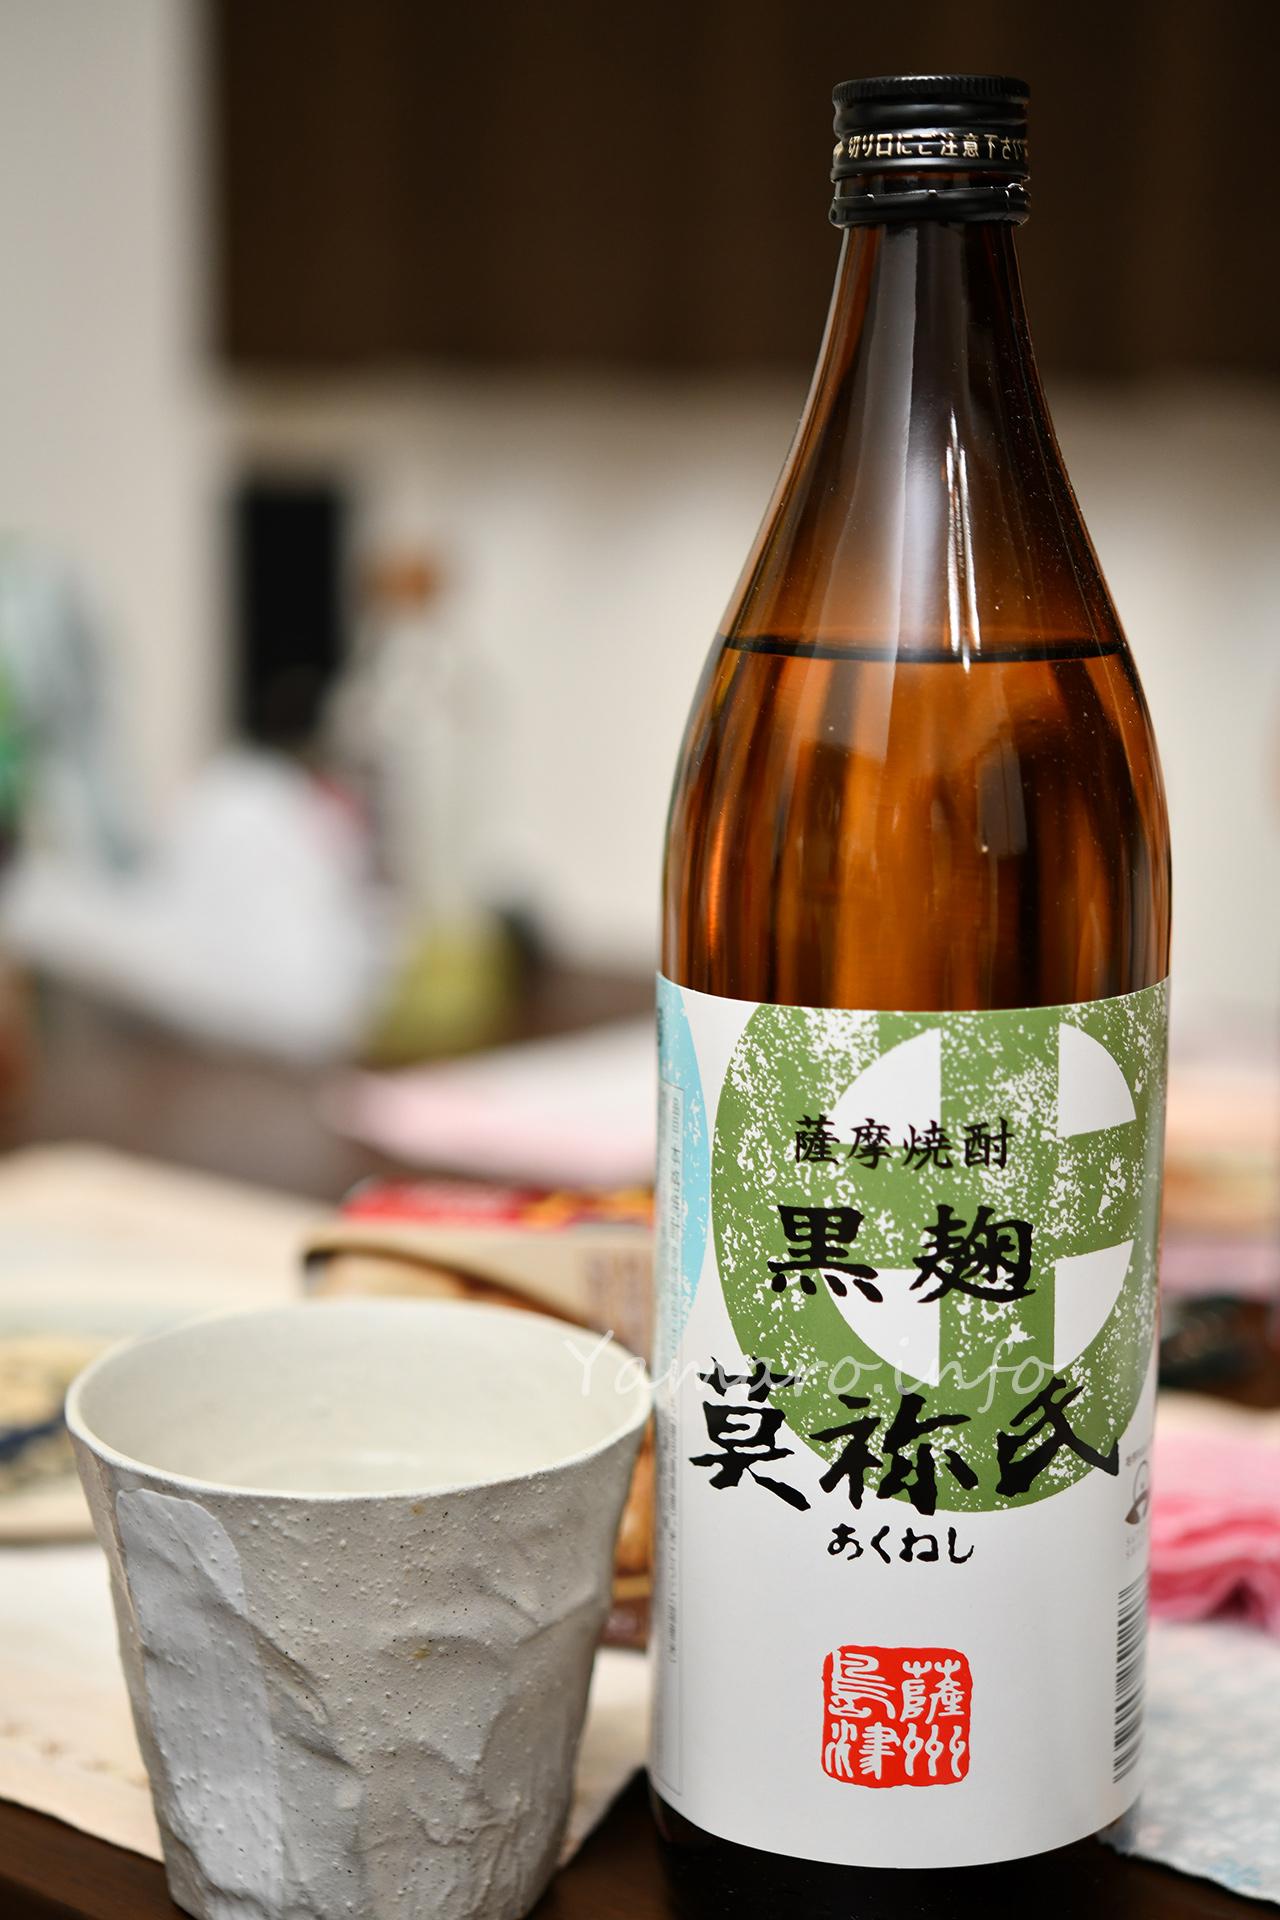 【大石酒造】薩摩焼酎 莫祢氏(あくねし)25度